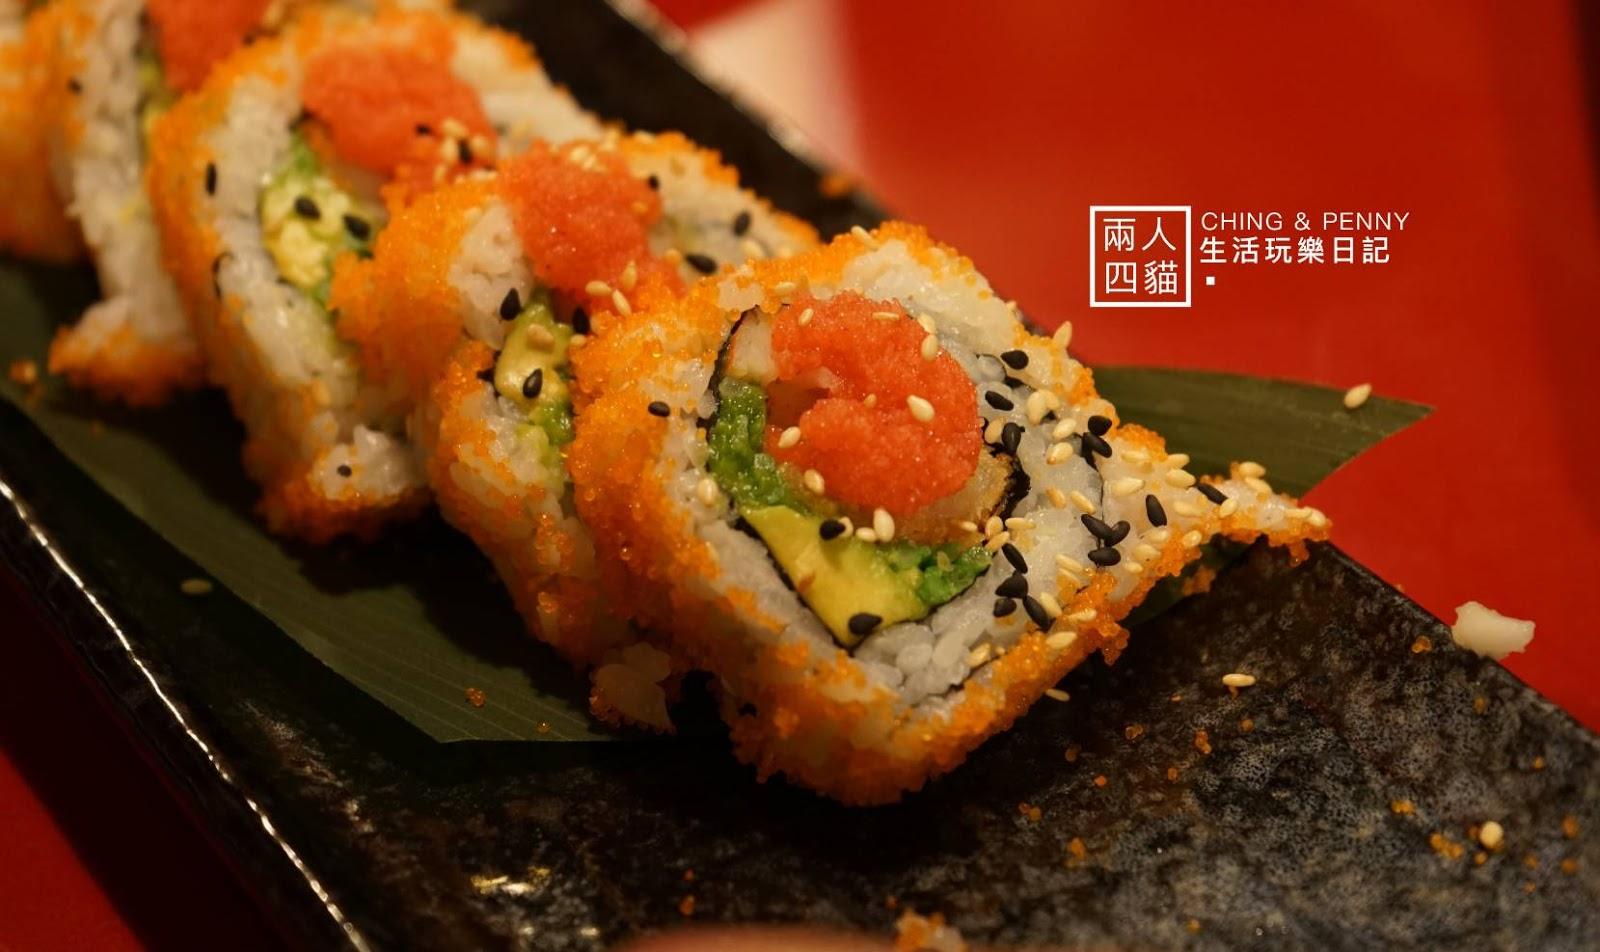 【板橋|美食】板橋平價日式料理 串燒、生魚片、拉麵全都有!【八八食堂】近板橋大遠百 特色「明太子炸蝦捲」